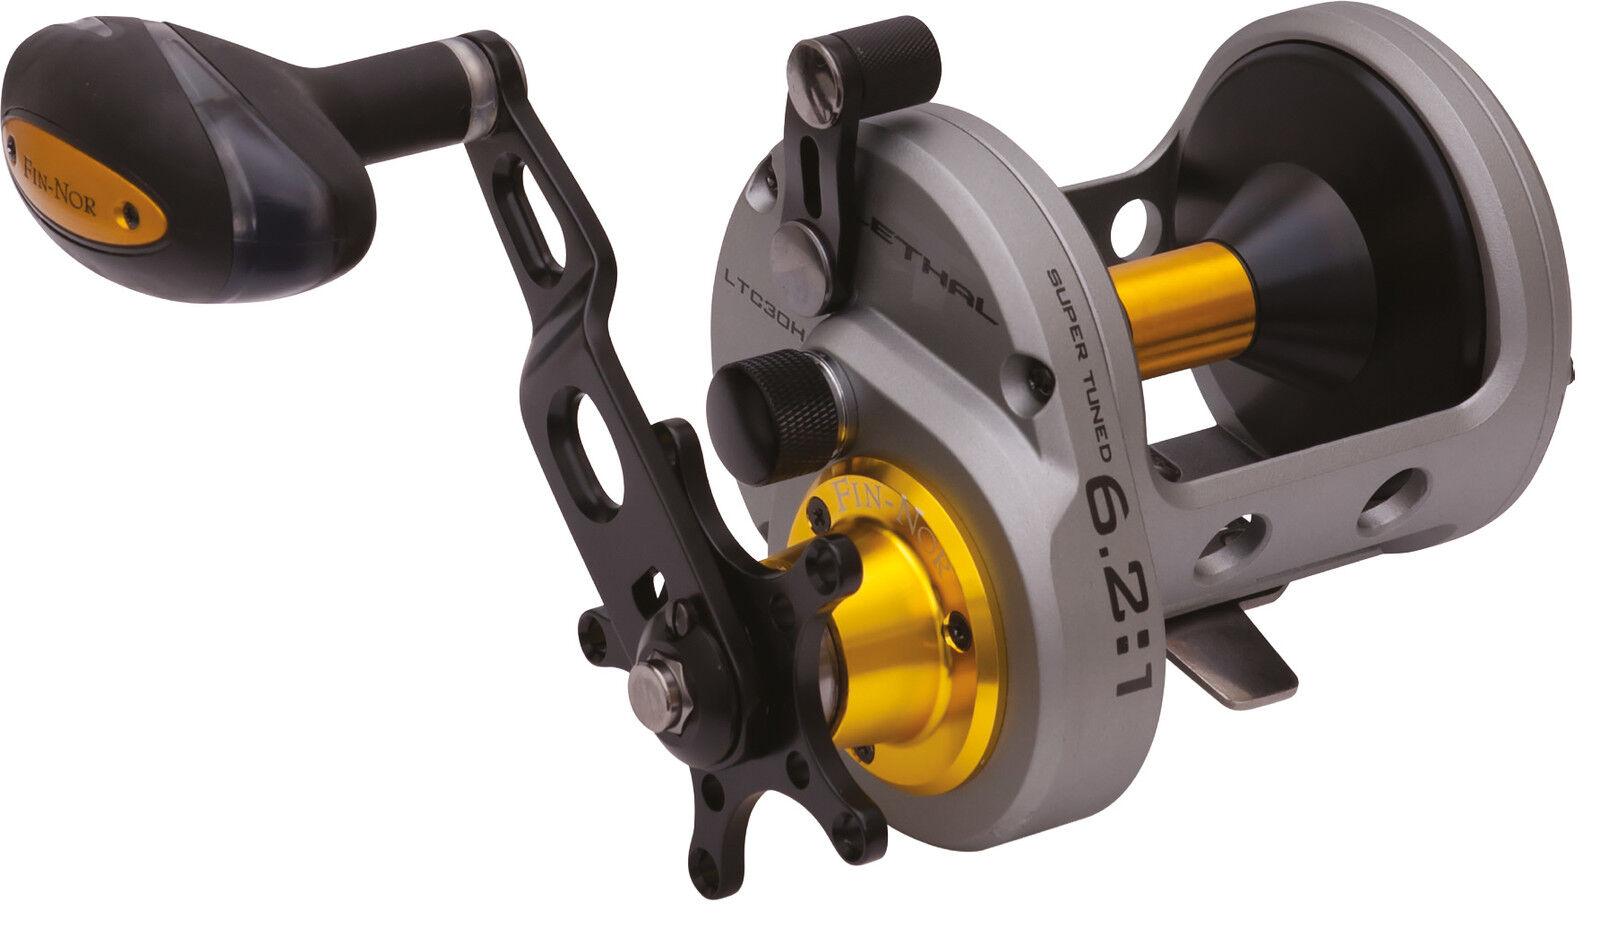 Fin Nor Lethal LTC LTC LTC H Multiplier Fishing Reel - All Größes 47cad3